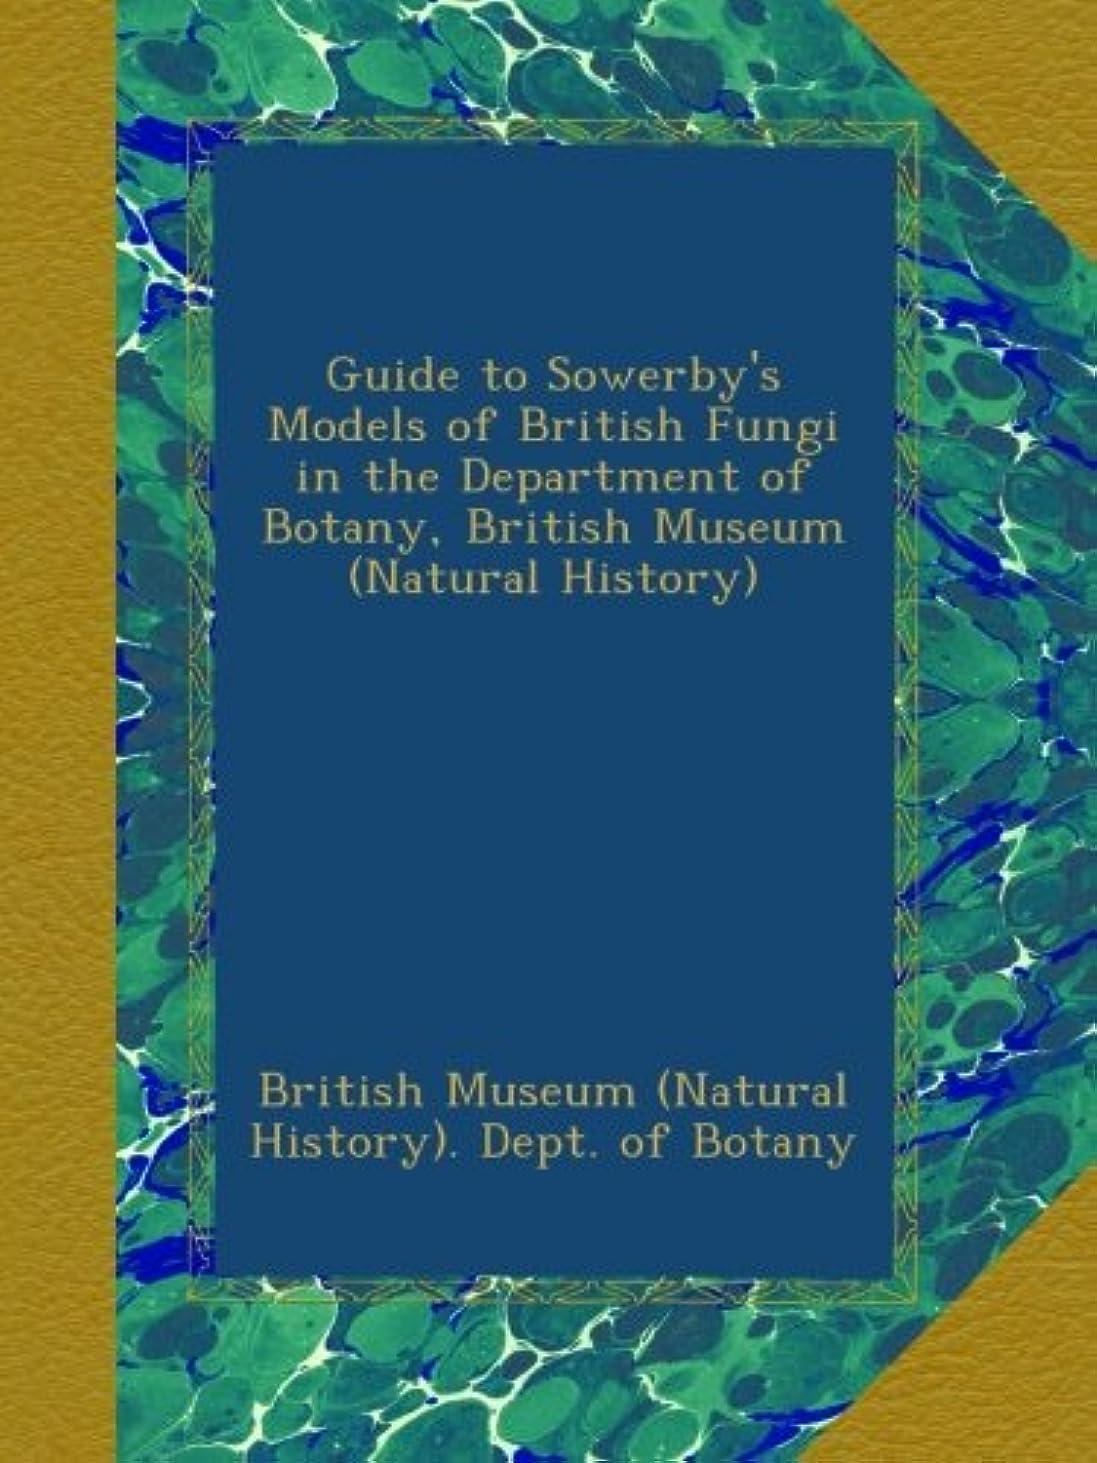 生きる確保する破滅的なGuide to Sowerby's Models of British Fungi in the Department of Botany, British Museum (Natural History)